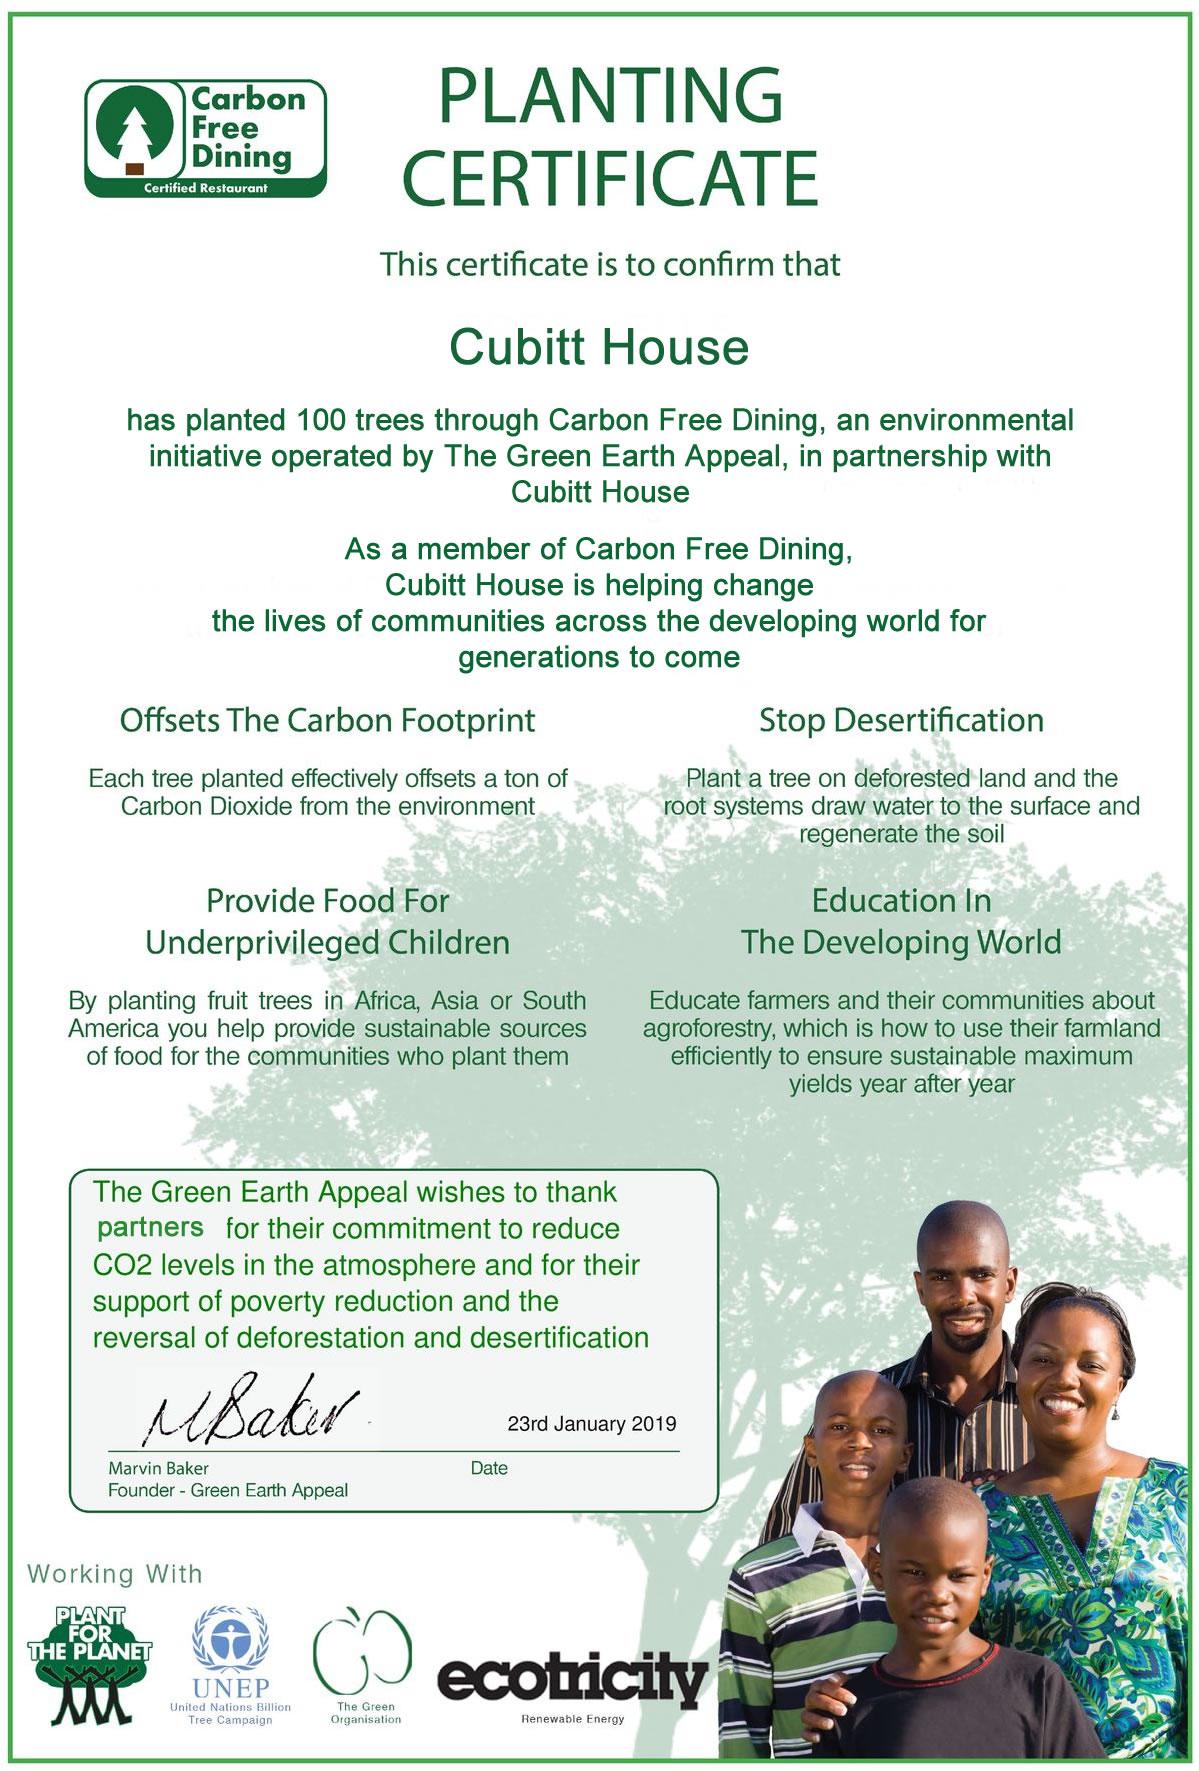 Cubitt House